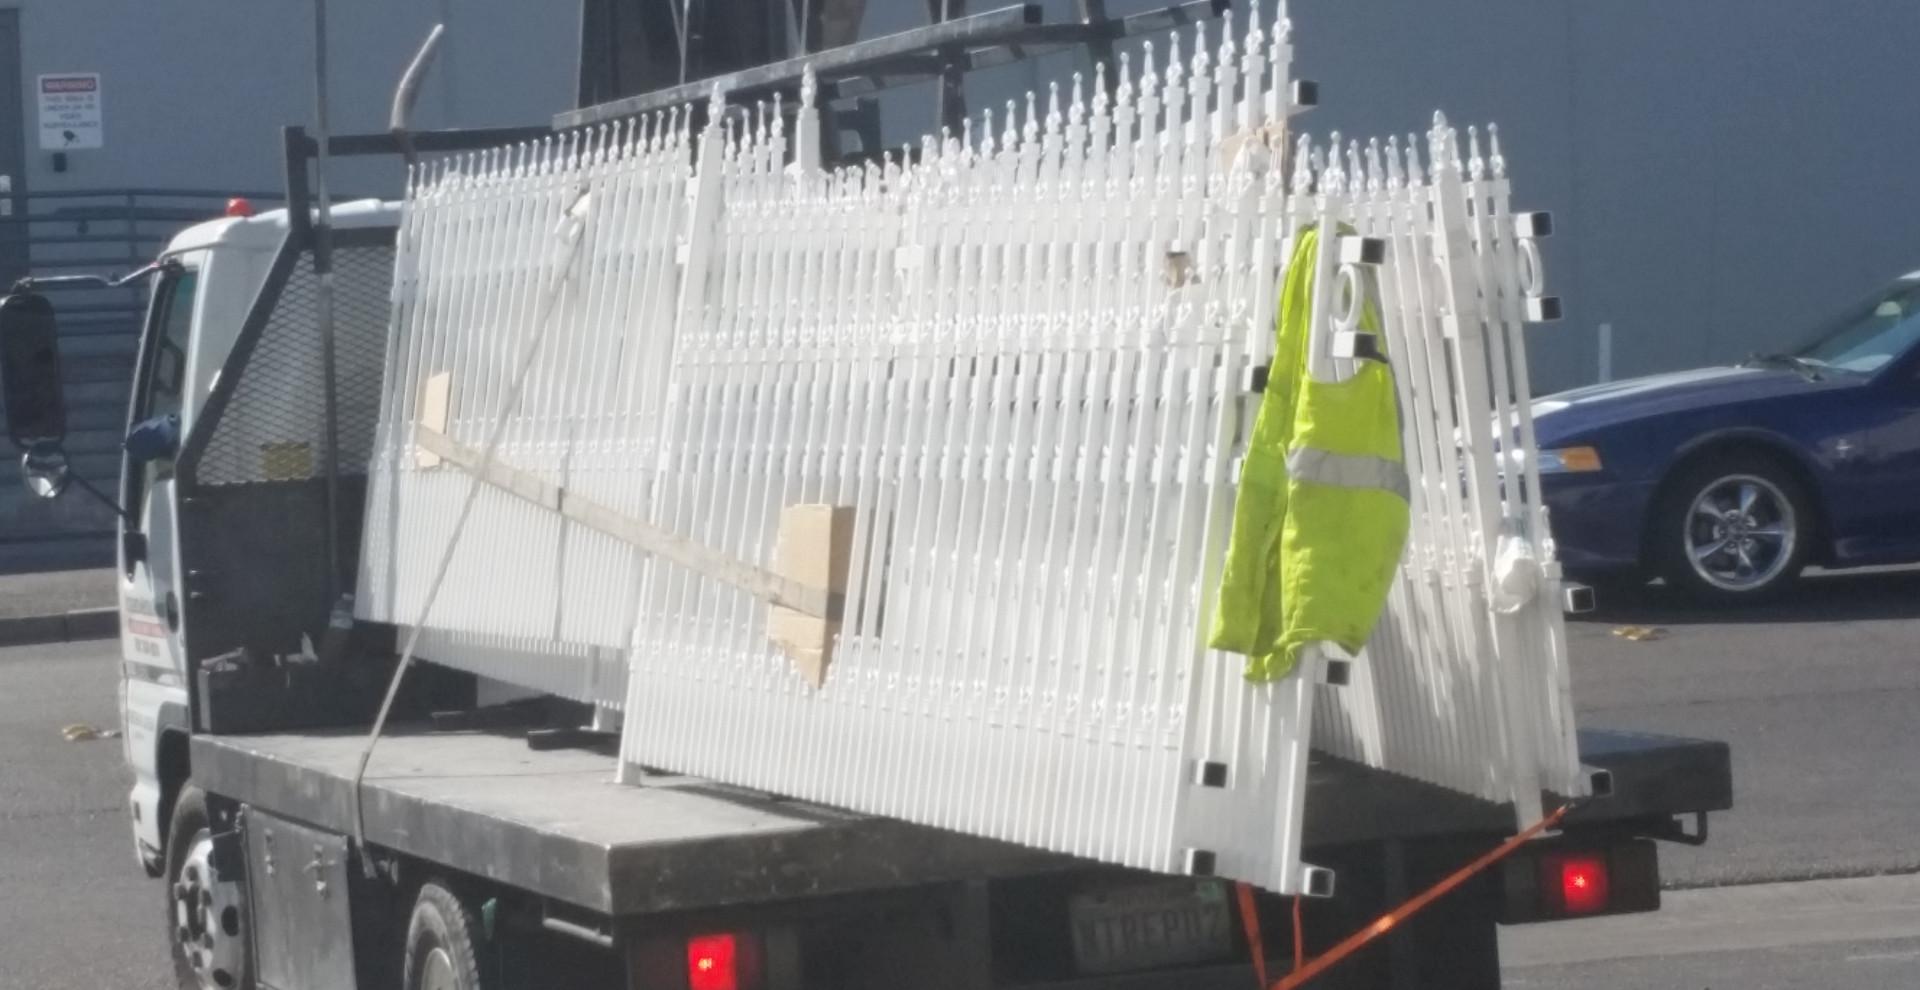 Residential Railings Las Vegas - Intrepid Metal Works Inc.